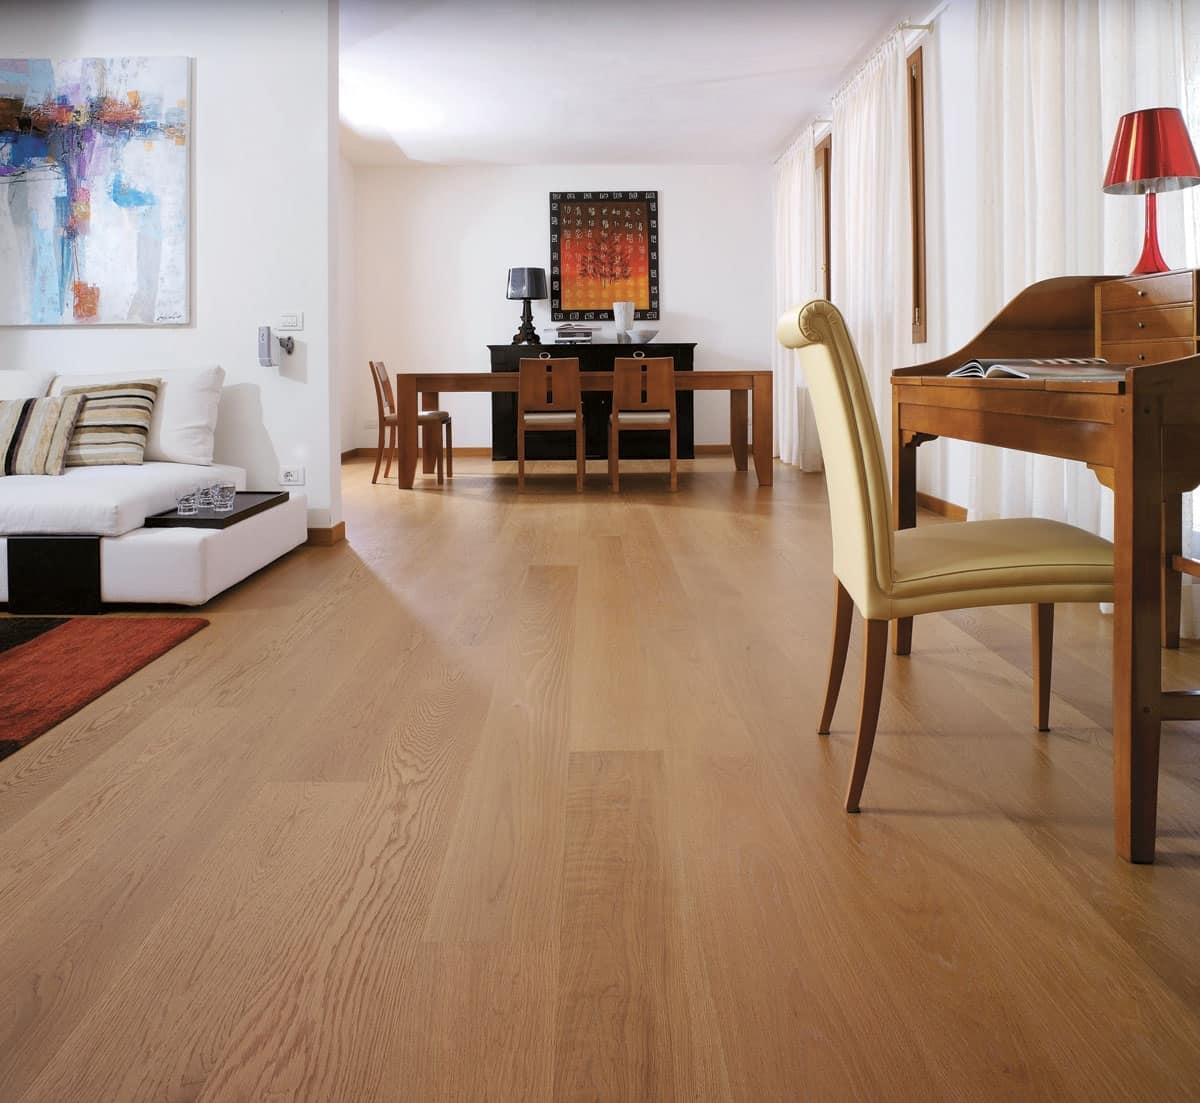 Berti Antico Rovere, Pavimento legno, Pavimento rovere, Parquet prefinito Camera - IDFdesign